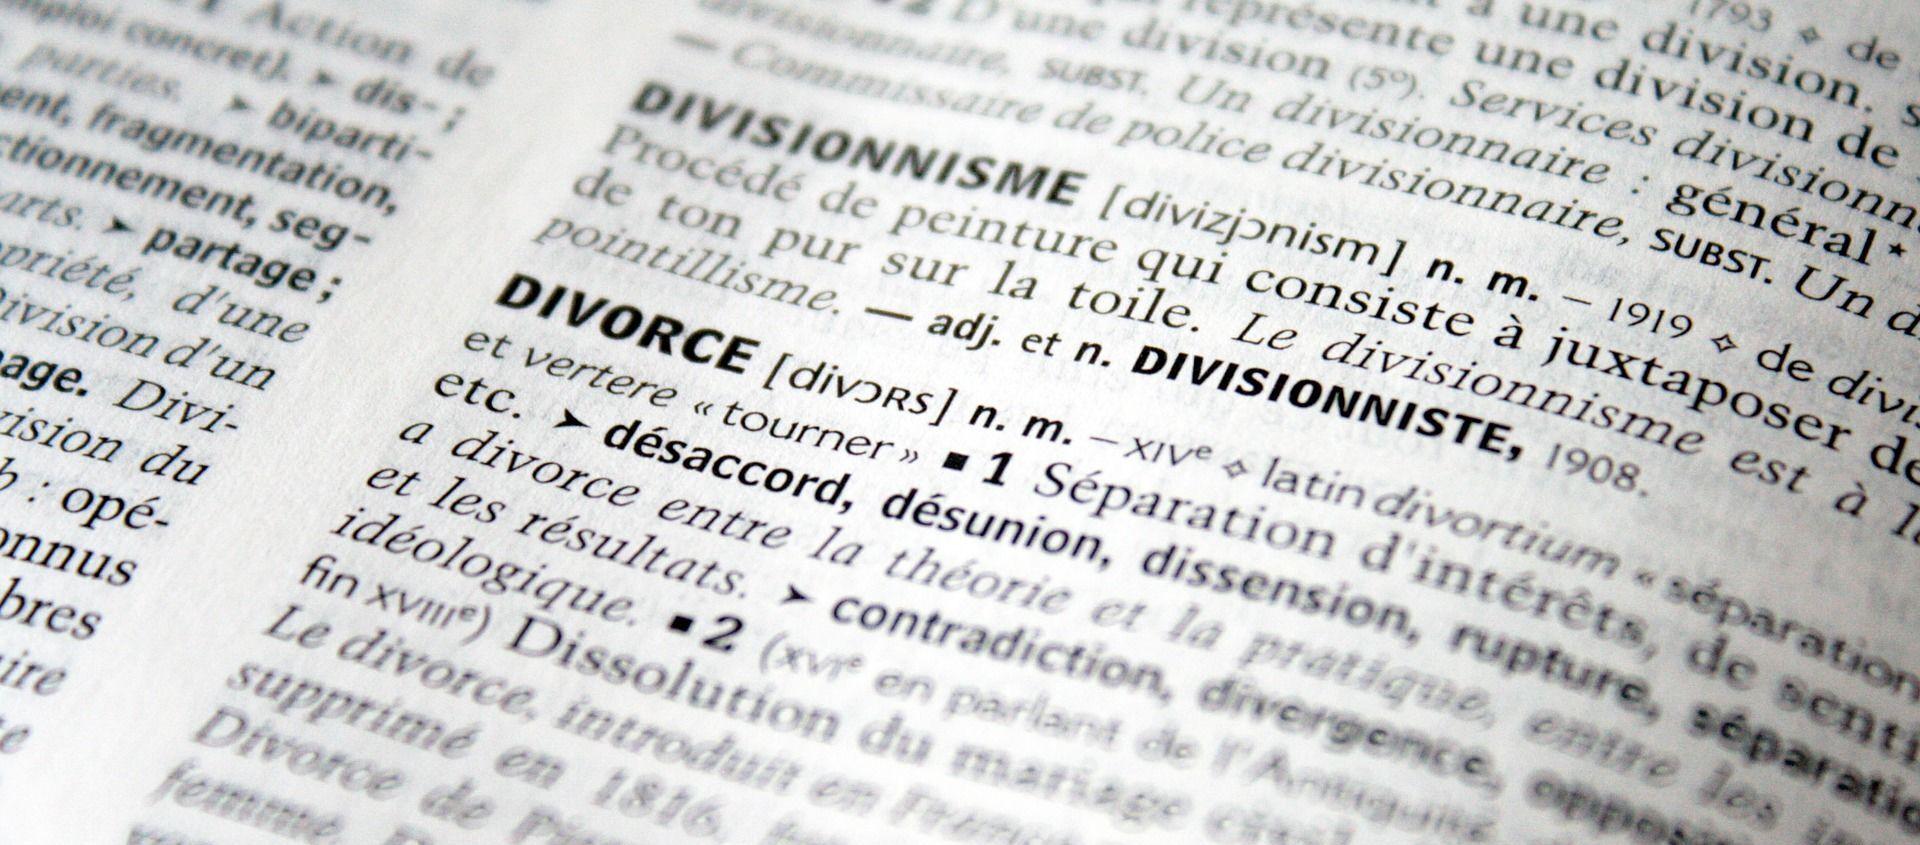 Dictionnaire français - Sputnik France, 1920, 02.12.2020